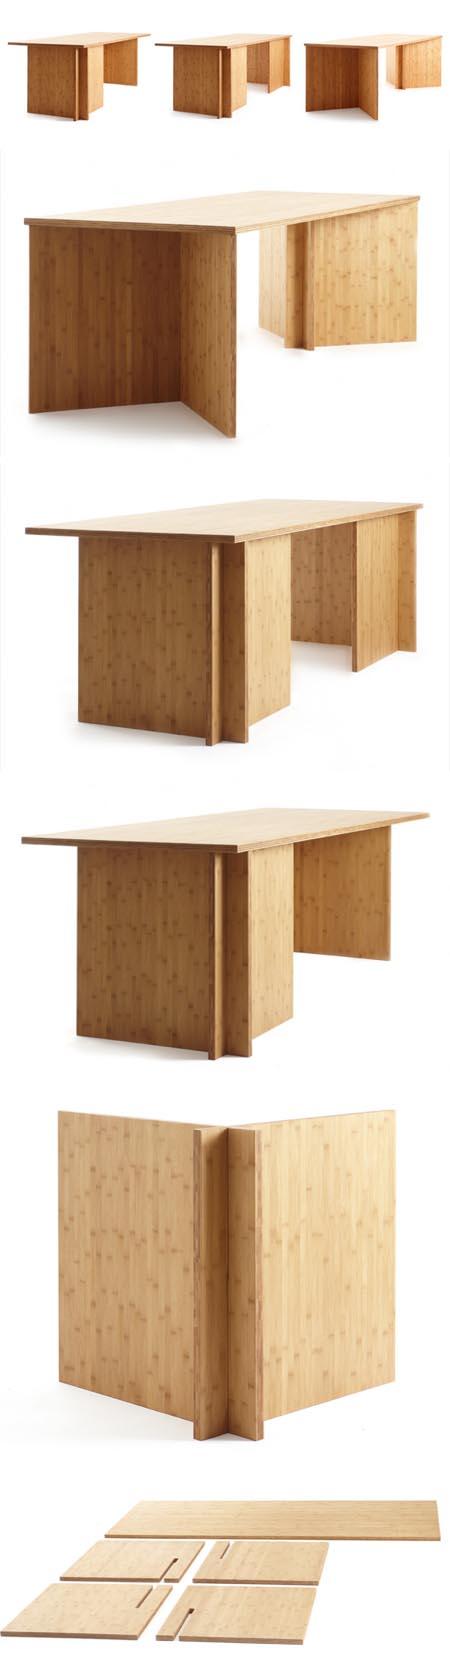 Slot Furniture tavolo 3 in 1